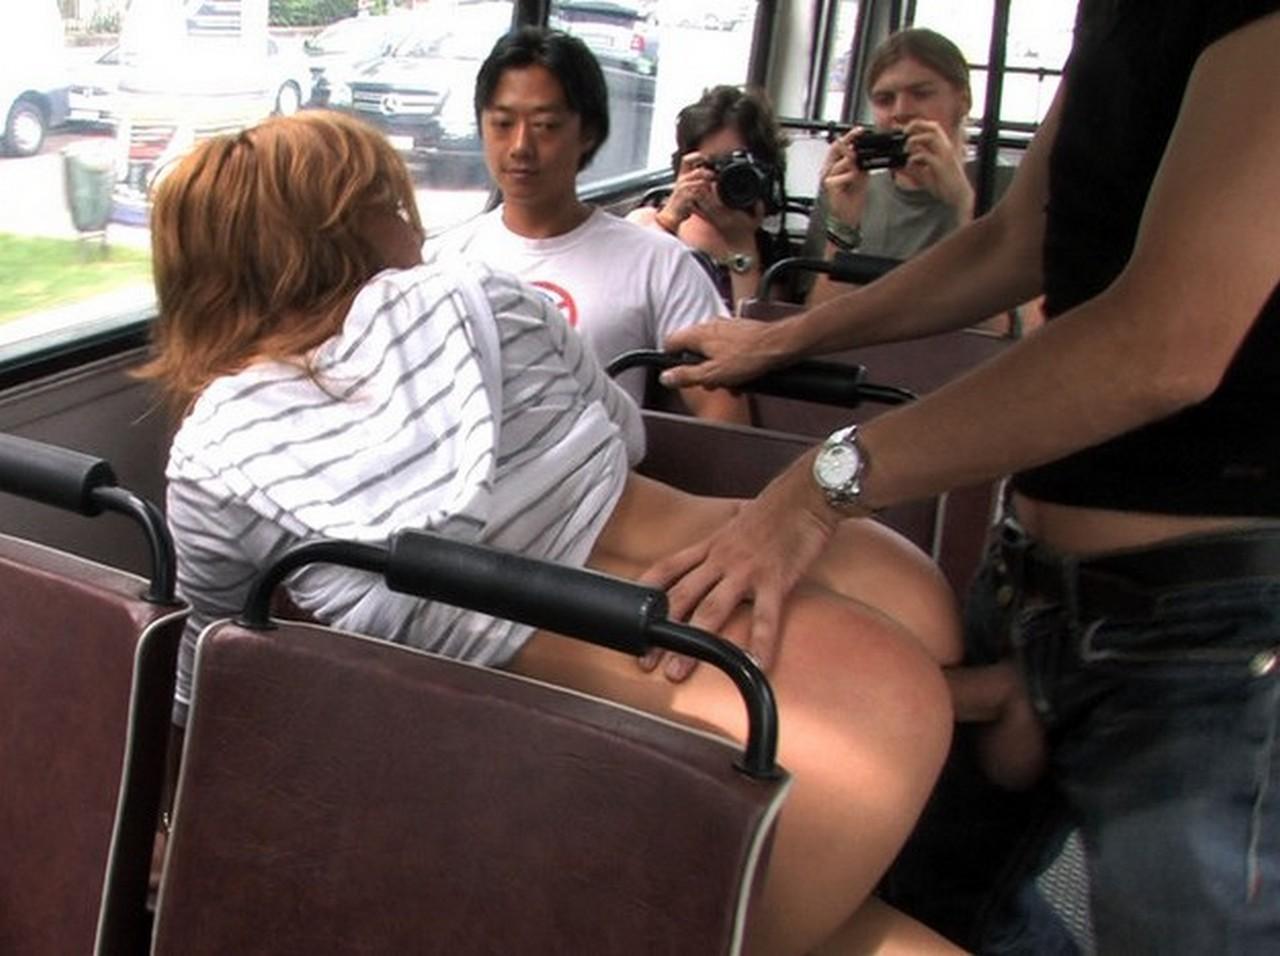 Смотреть порно в автобусе новинка 10 фотография